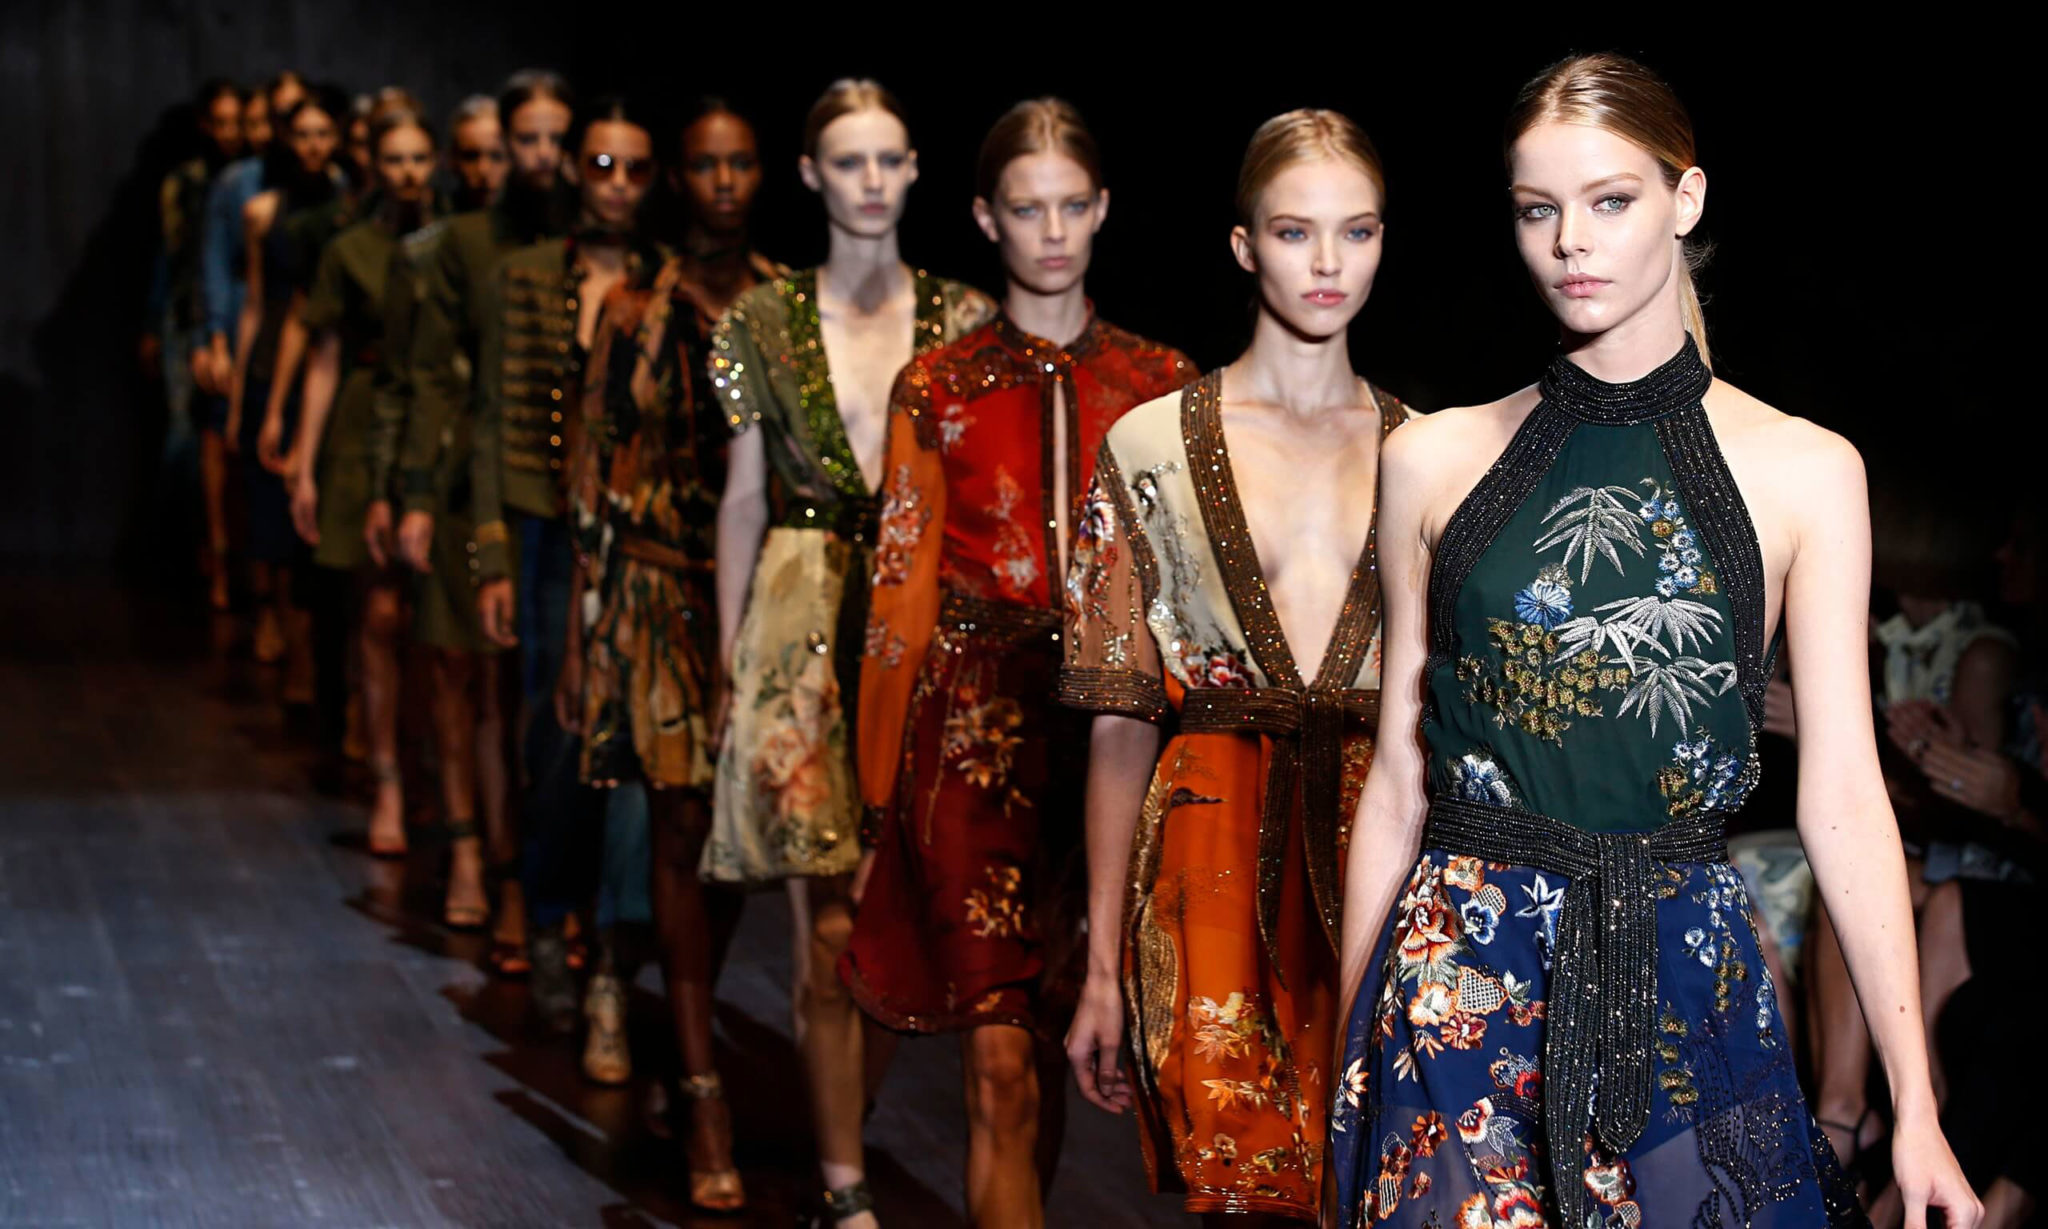 capitale della moda italiana, милан, capital of Italian Fashion, italienische Modehauptstadt, capital de la moda italiana, capitale de la mode italienne